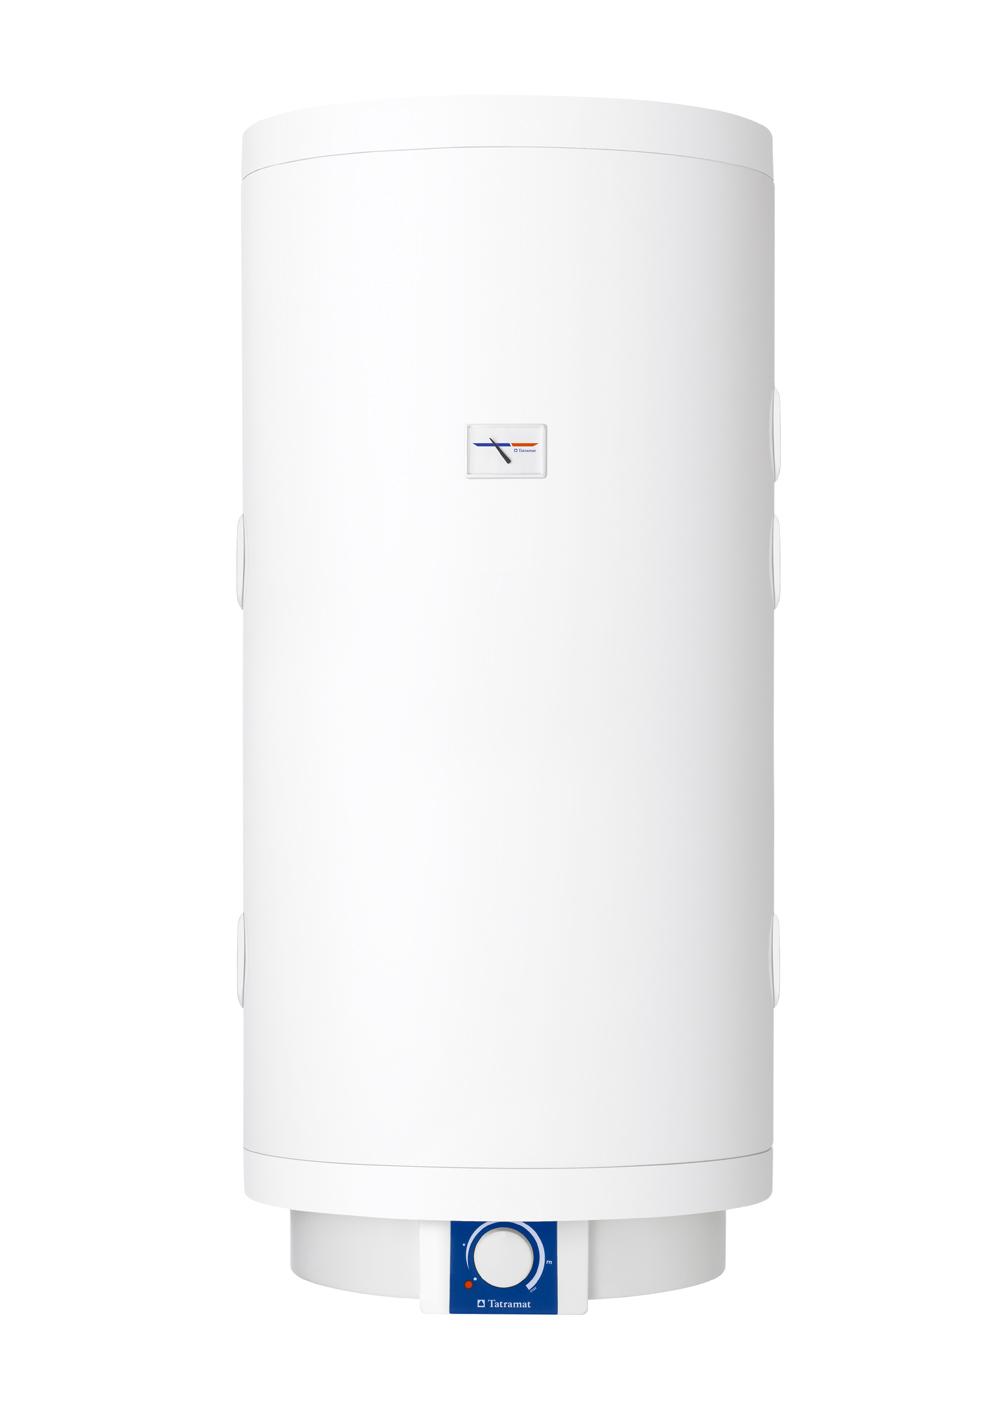 Kombinovaný ohrievač vody s dvojplášťovým výmenníkom tepla OVK D